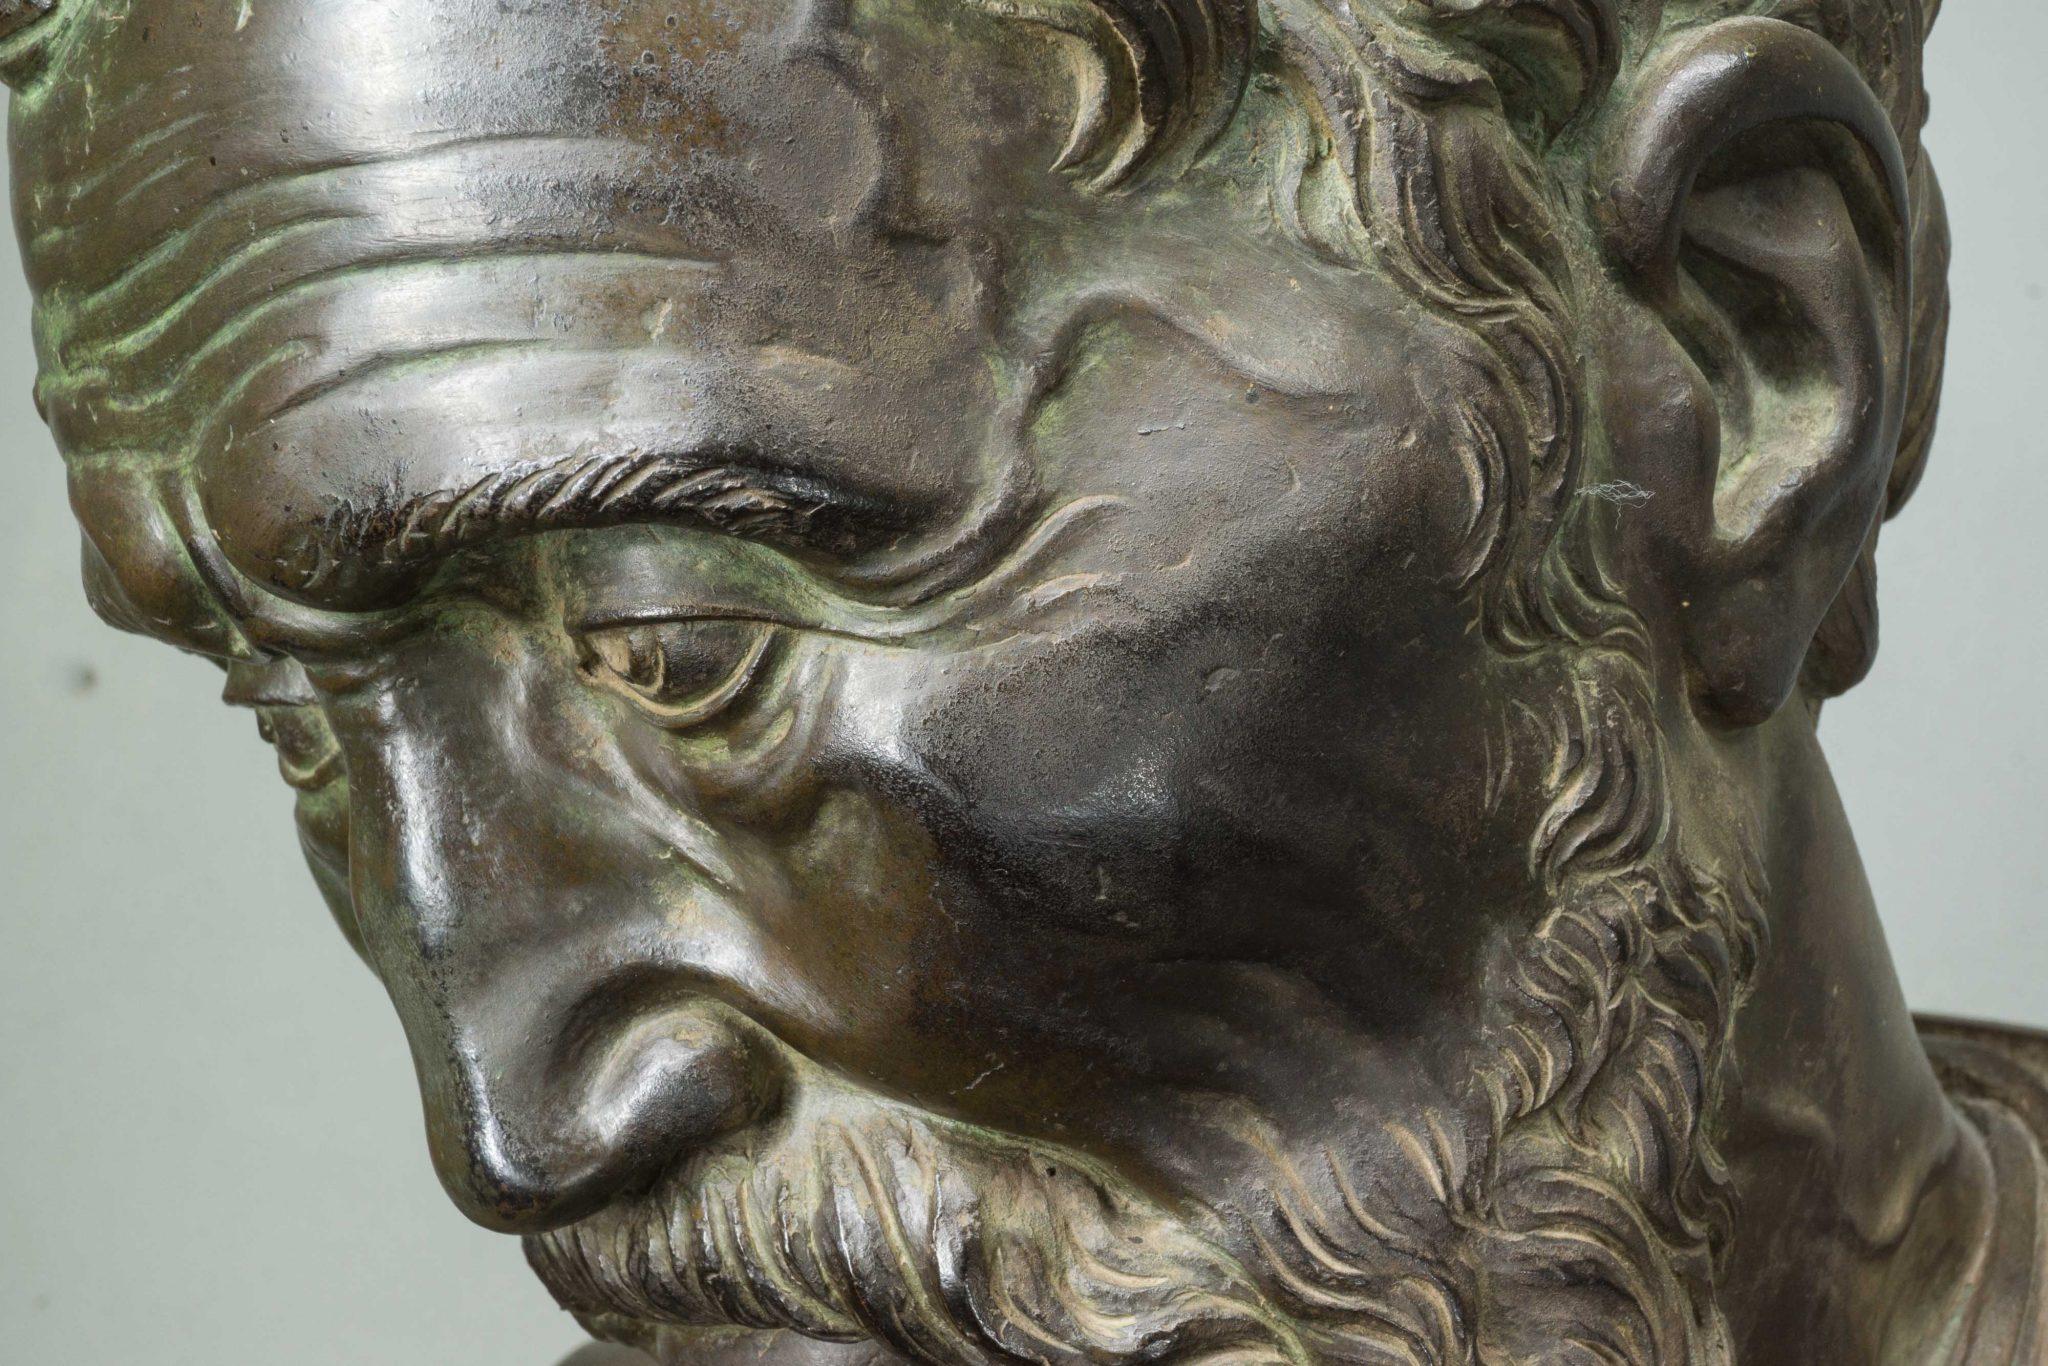 """""""Daniele da Volterra, Busto in bronzo di Michelangelo Buonarroti (prima del restauro), Galleria dell'Accademia di Firenze"""""""